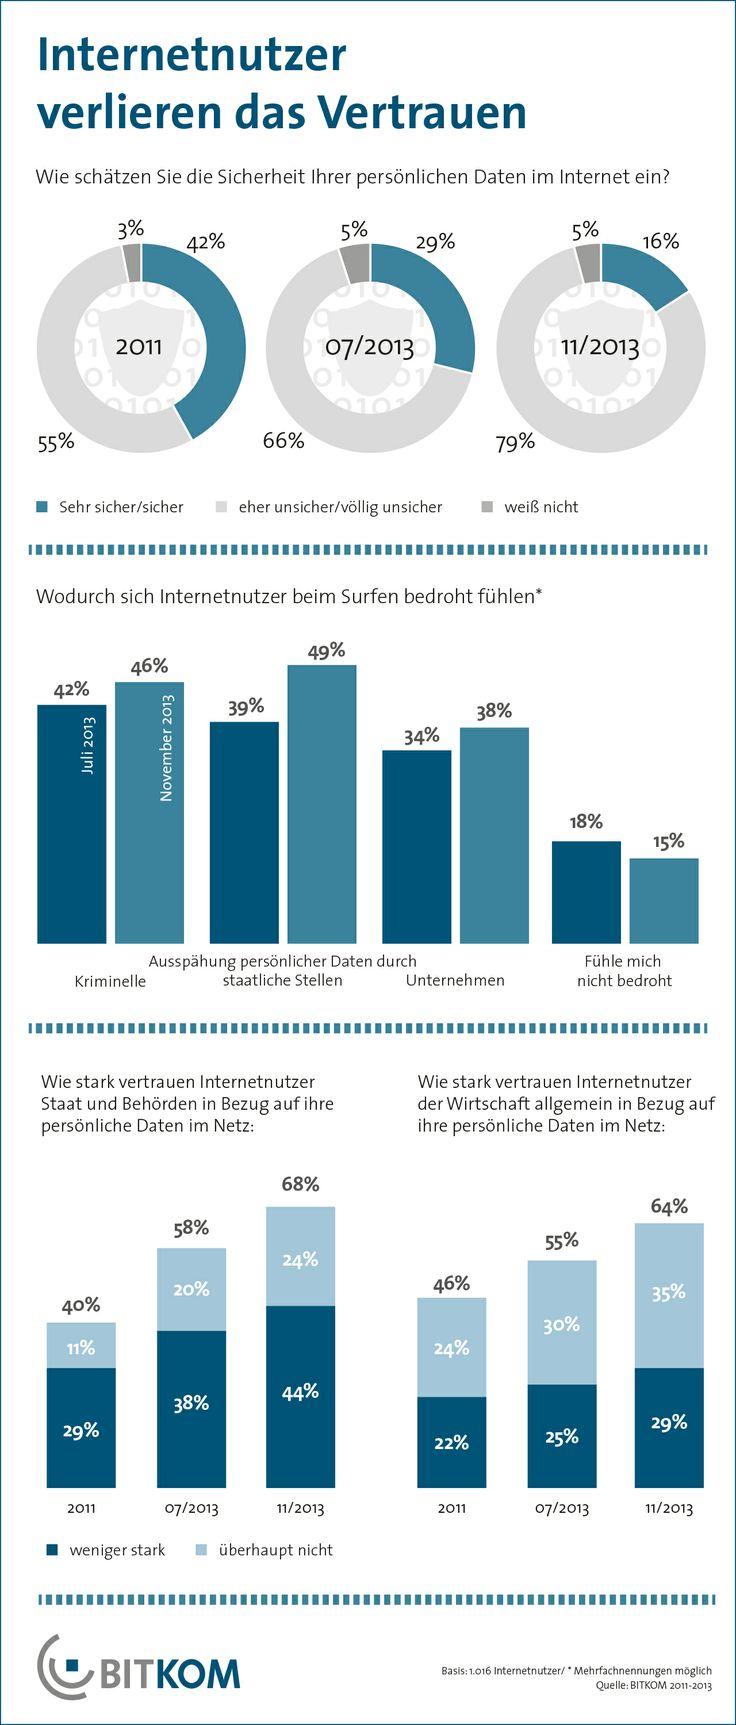 """In Deutschland gibt es einen massiven Vertrauensverlust, was die Sicherheit von Daten und die Integrität von Diensten im Internet angeht. 80 Prozent der Internetnutzer in Deutschland halten ihre persönlichen Daten im Internet generell für unsicher: 33 Prozent halten sie für """"völlig unsicher"""" und 47 Prozent für """"eher unsicher"""". Im Juli, nach der ersten Welle der Veröffentlichungen, hielten insgesamt erst 66 Prozent der Internetnutzer ihre Daten für unsicher."""